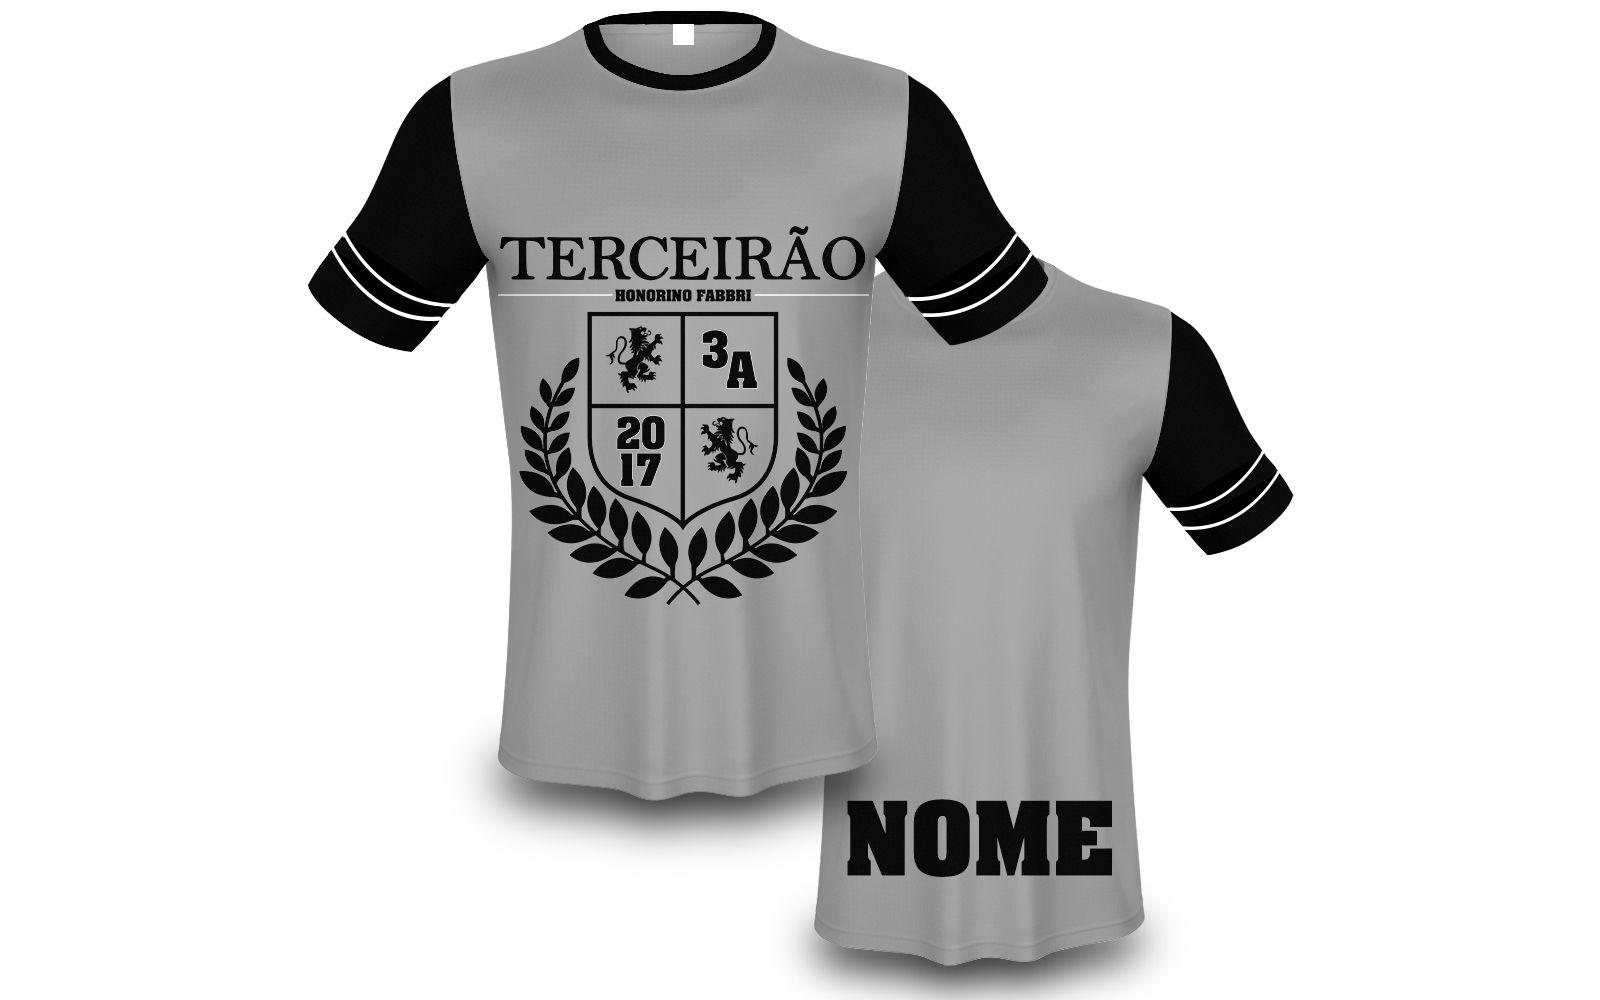 Arte De Camiseta De Formandos Portfólio Graduation E T Shirt